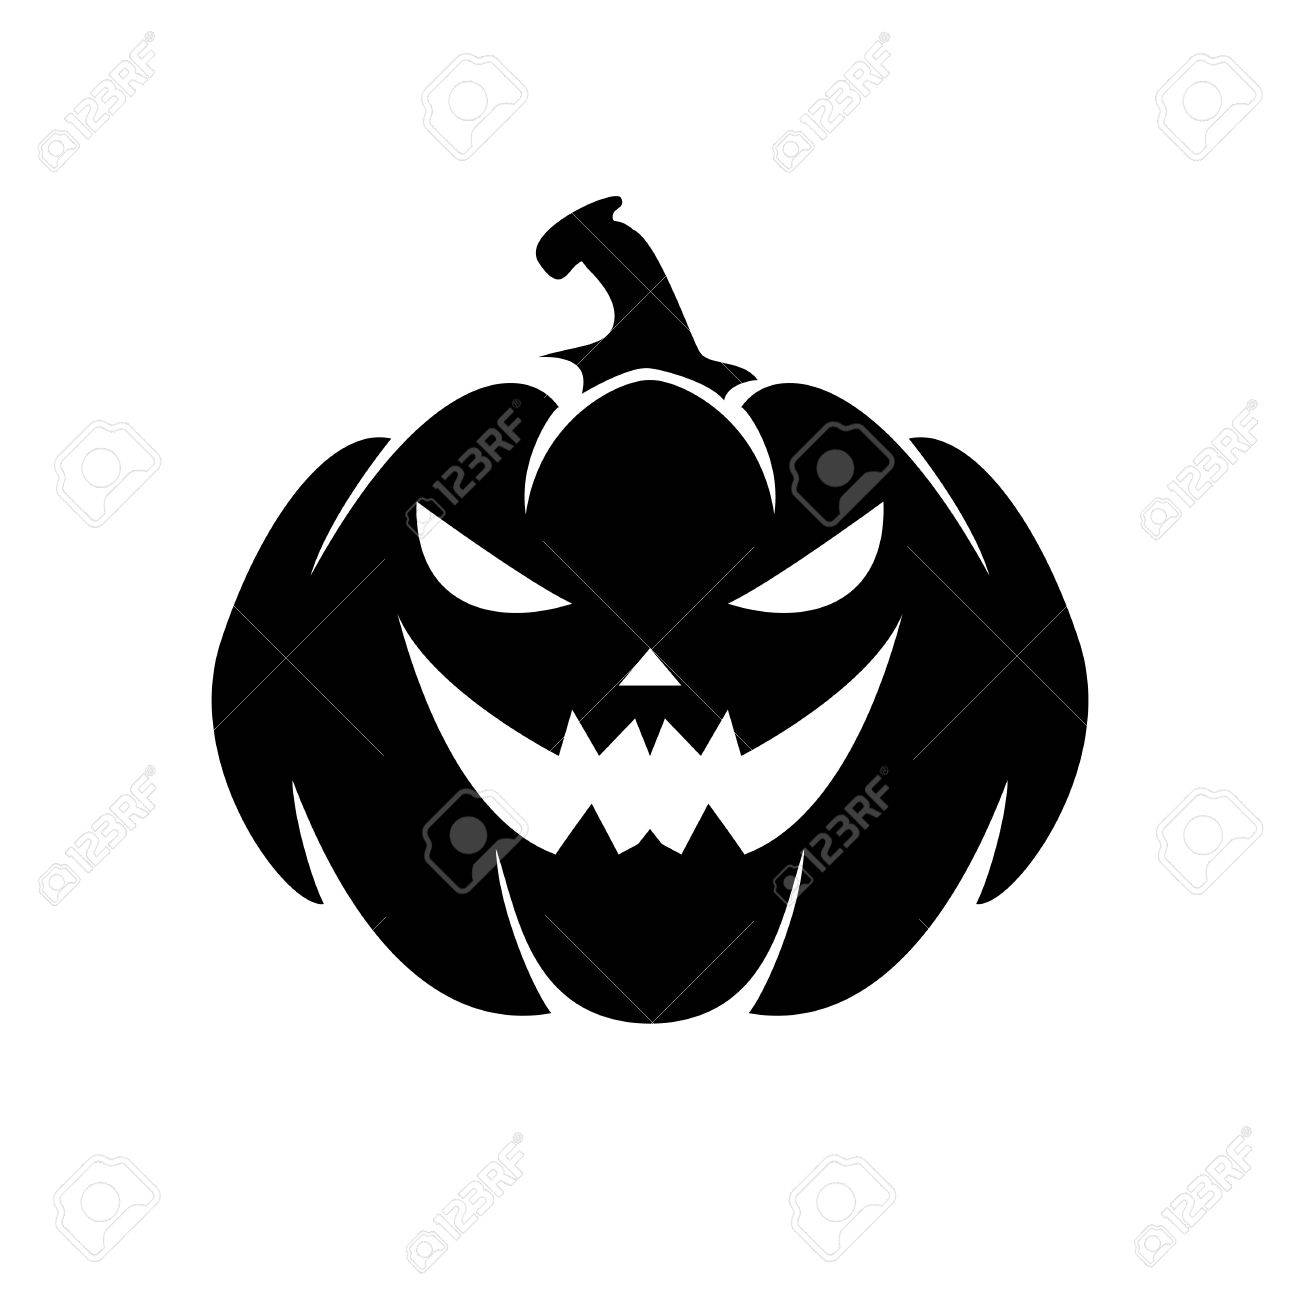 Halloween Pumpkin Vector.Halloween Pumpkin Vector Illustration Isolated On White Background